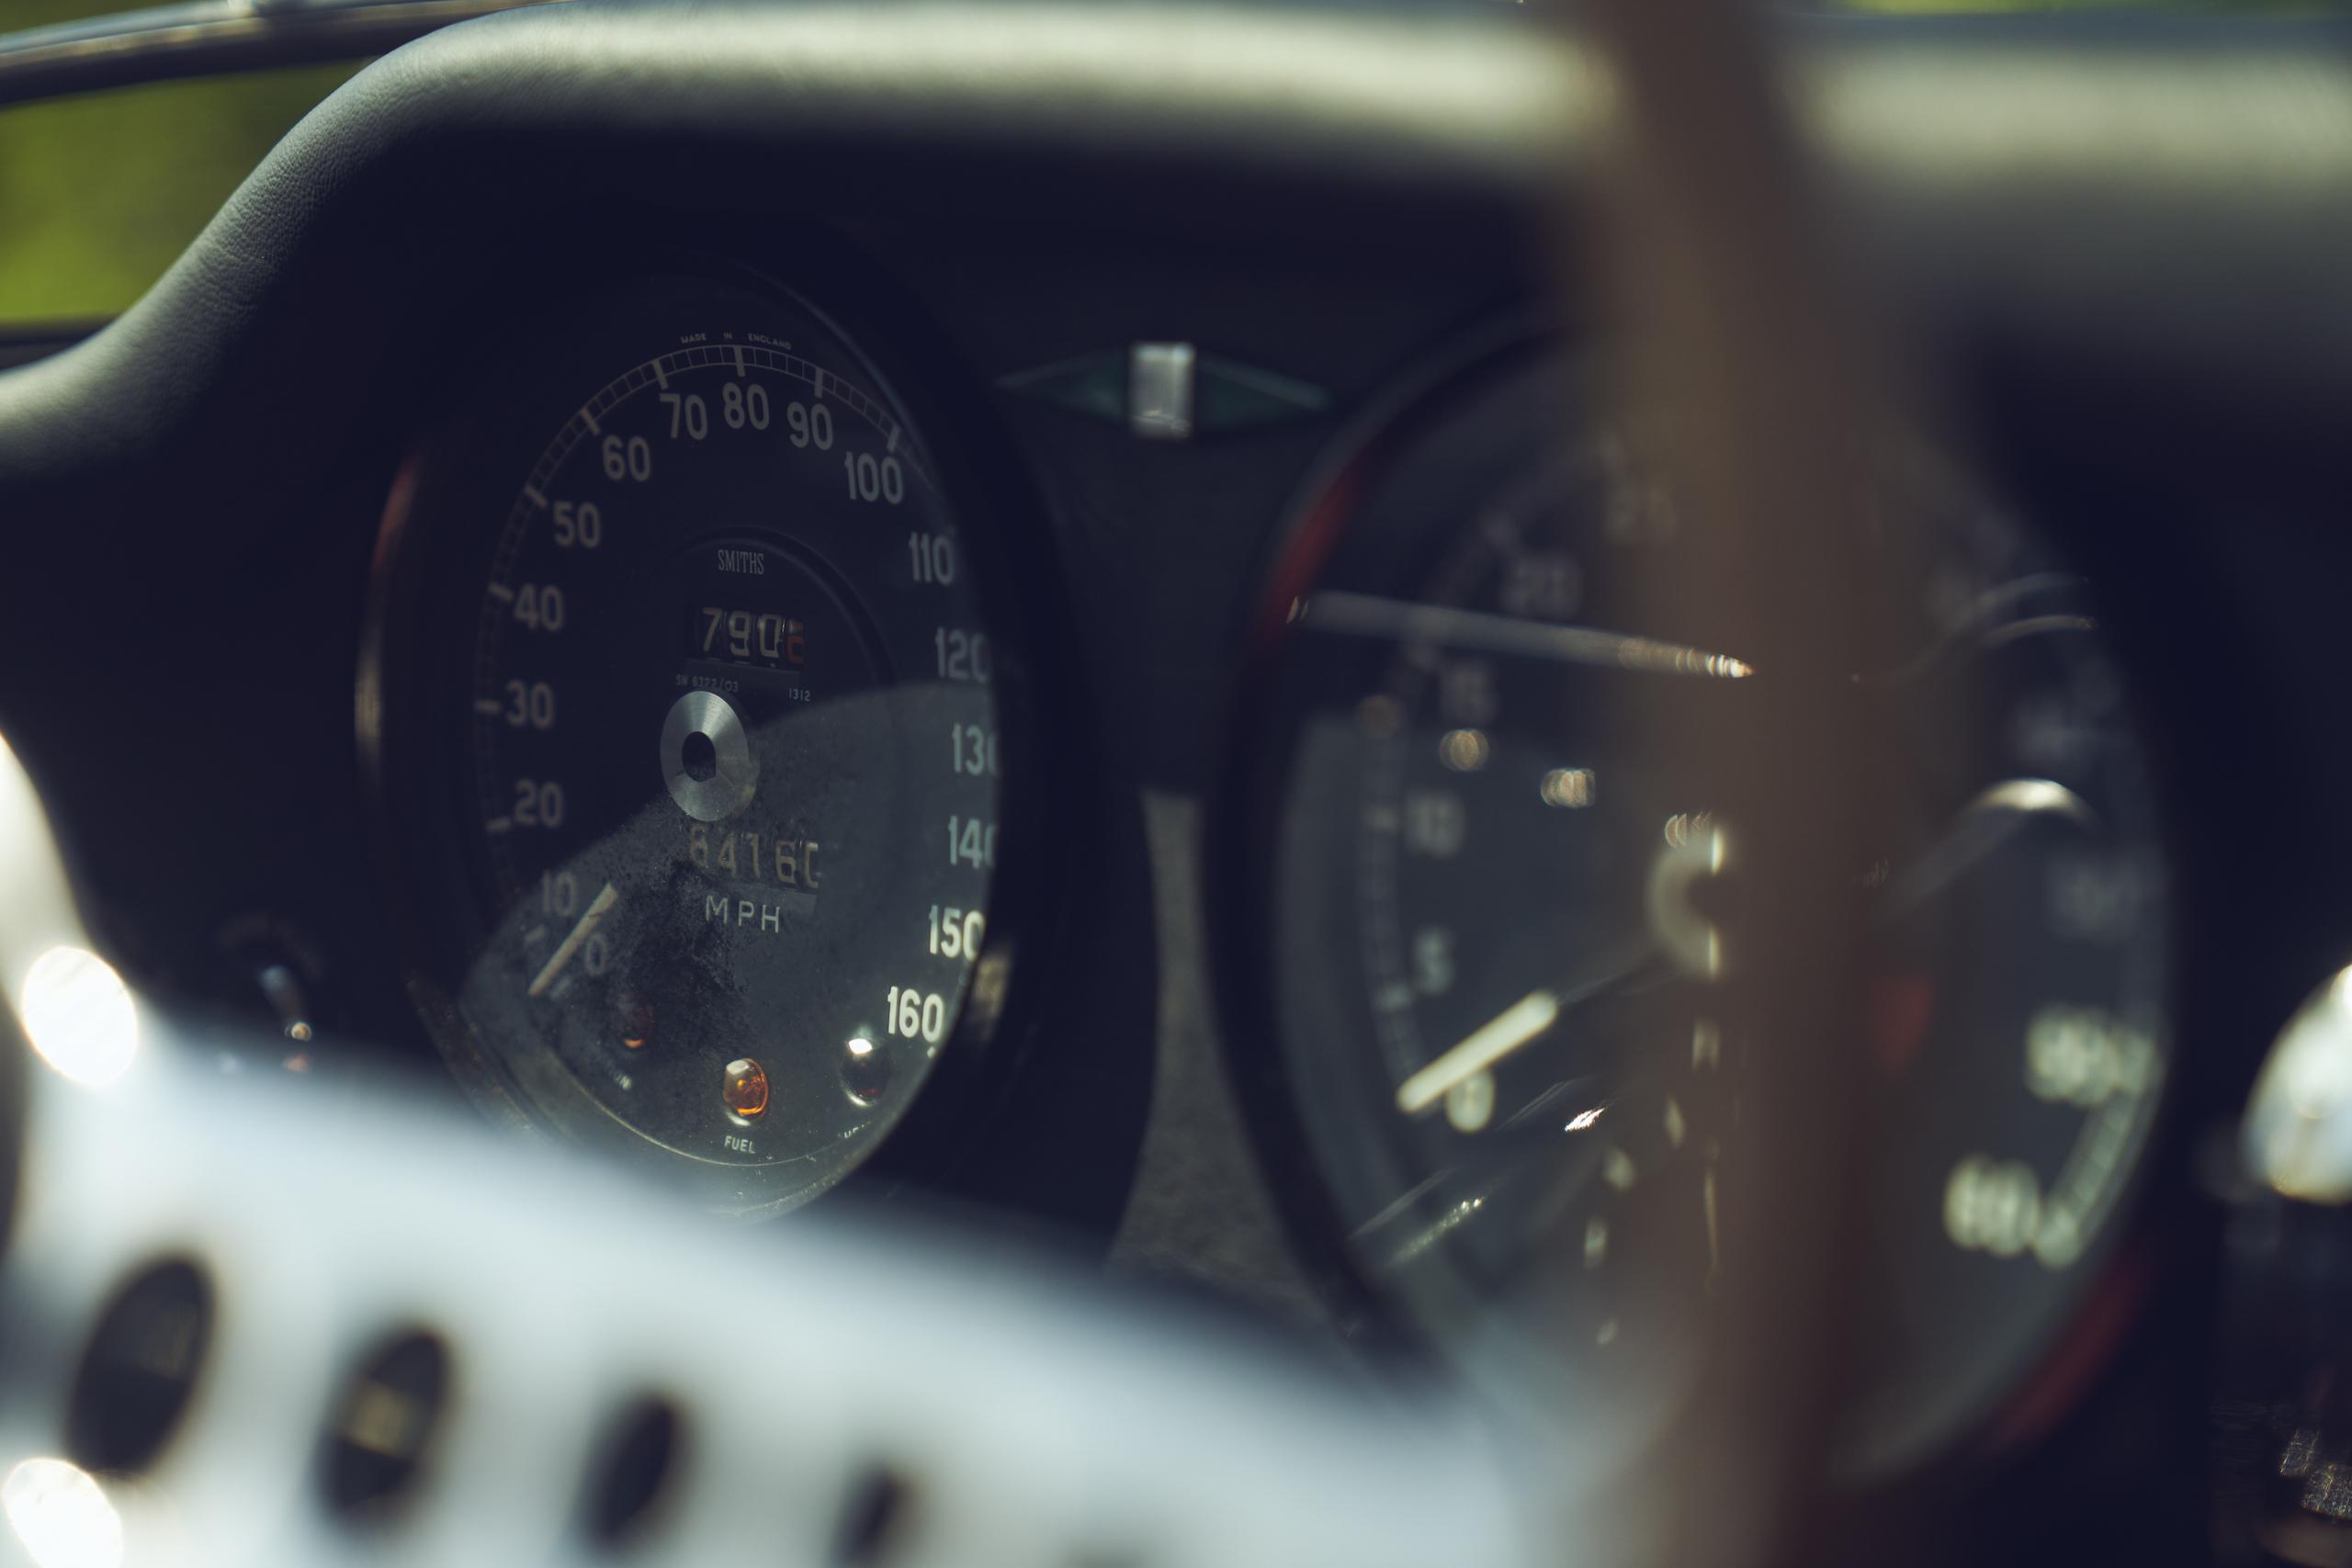 Jaguar E-Type speedometer gauge